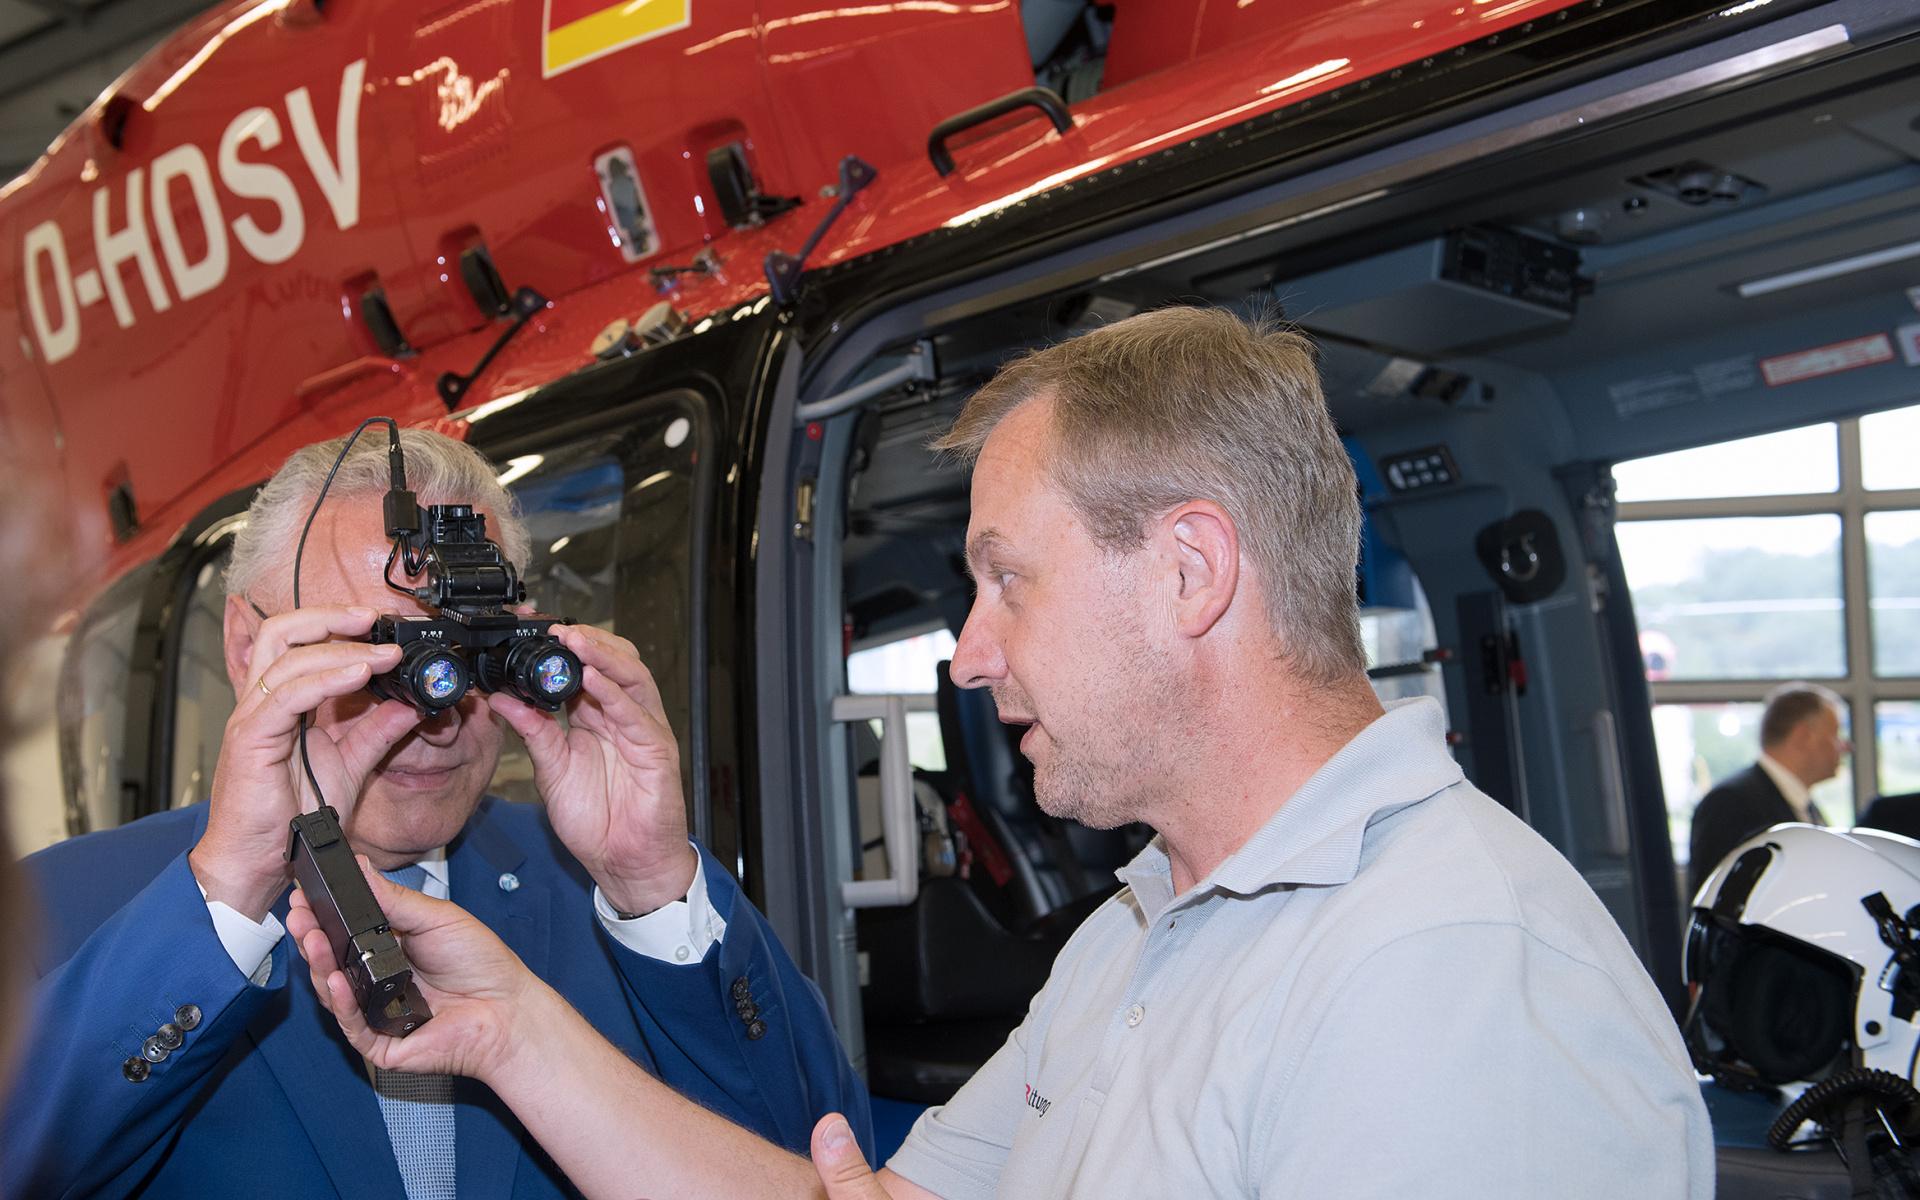 Der bayerische Innenminister testet eine Nachtsichtbrille (NVG). Quelle: DRF Luftrettung / LMU-Klinikum